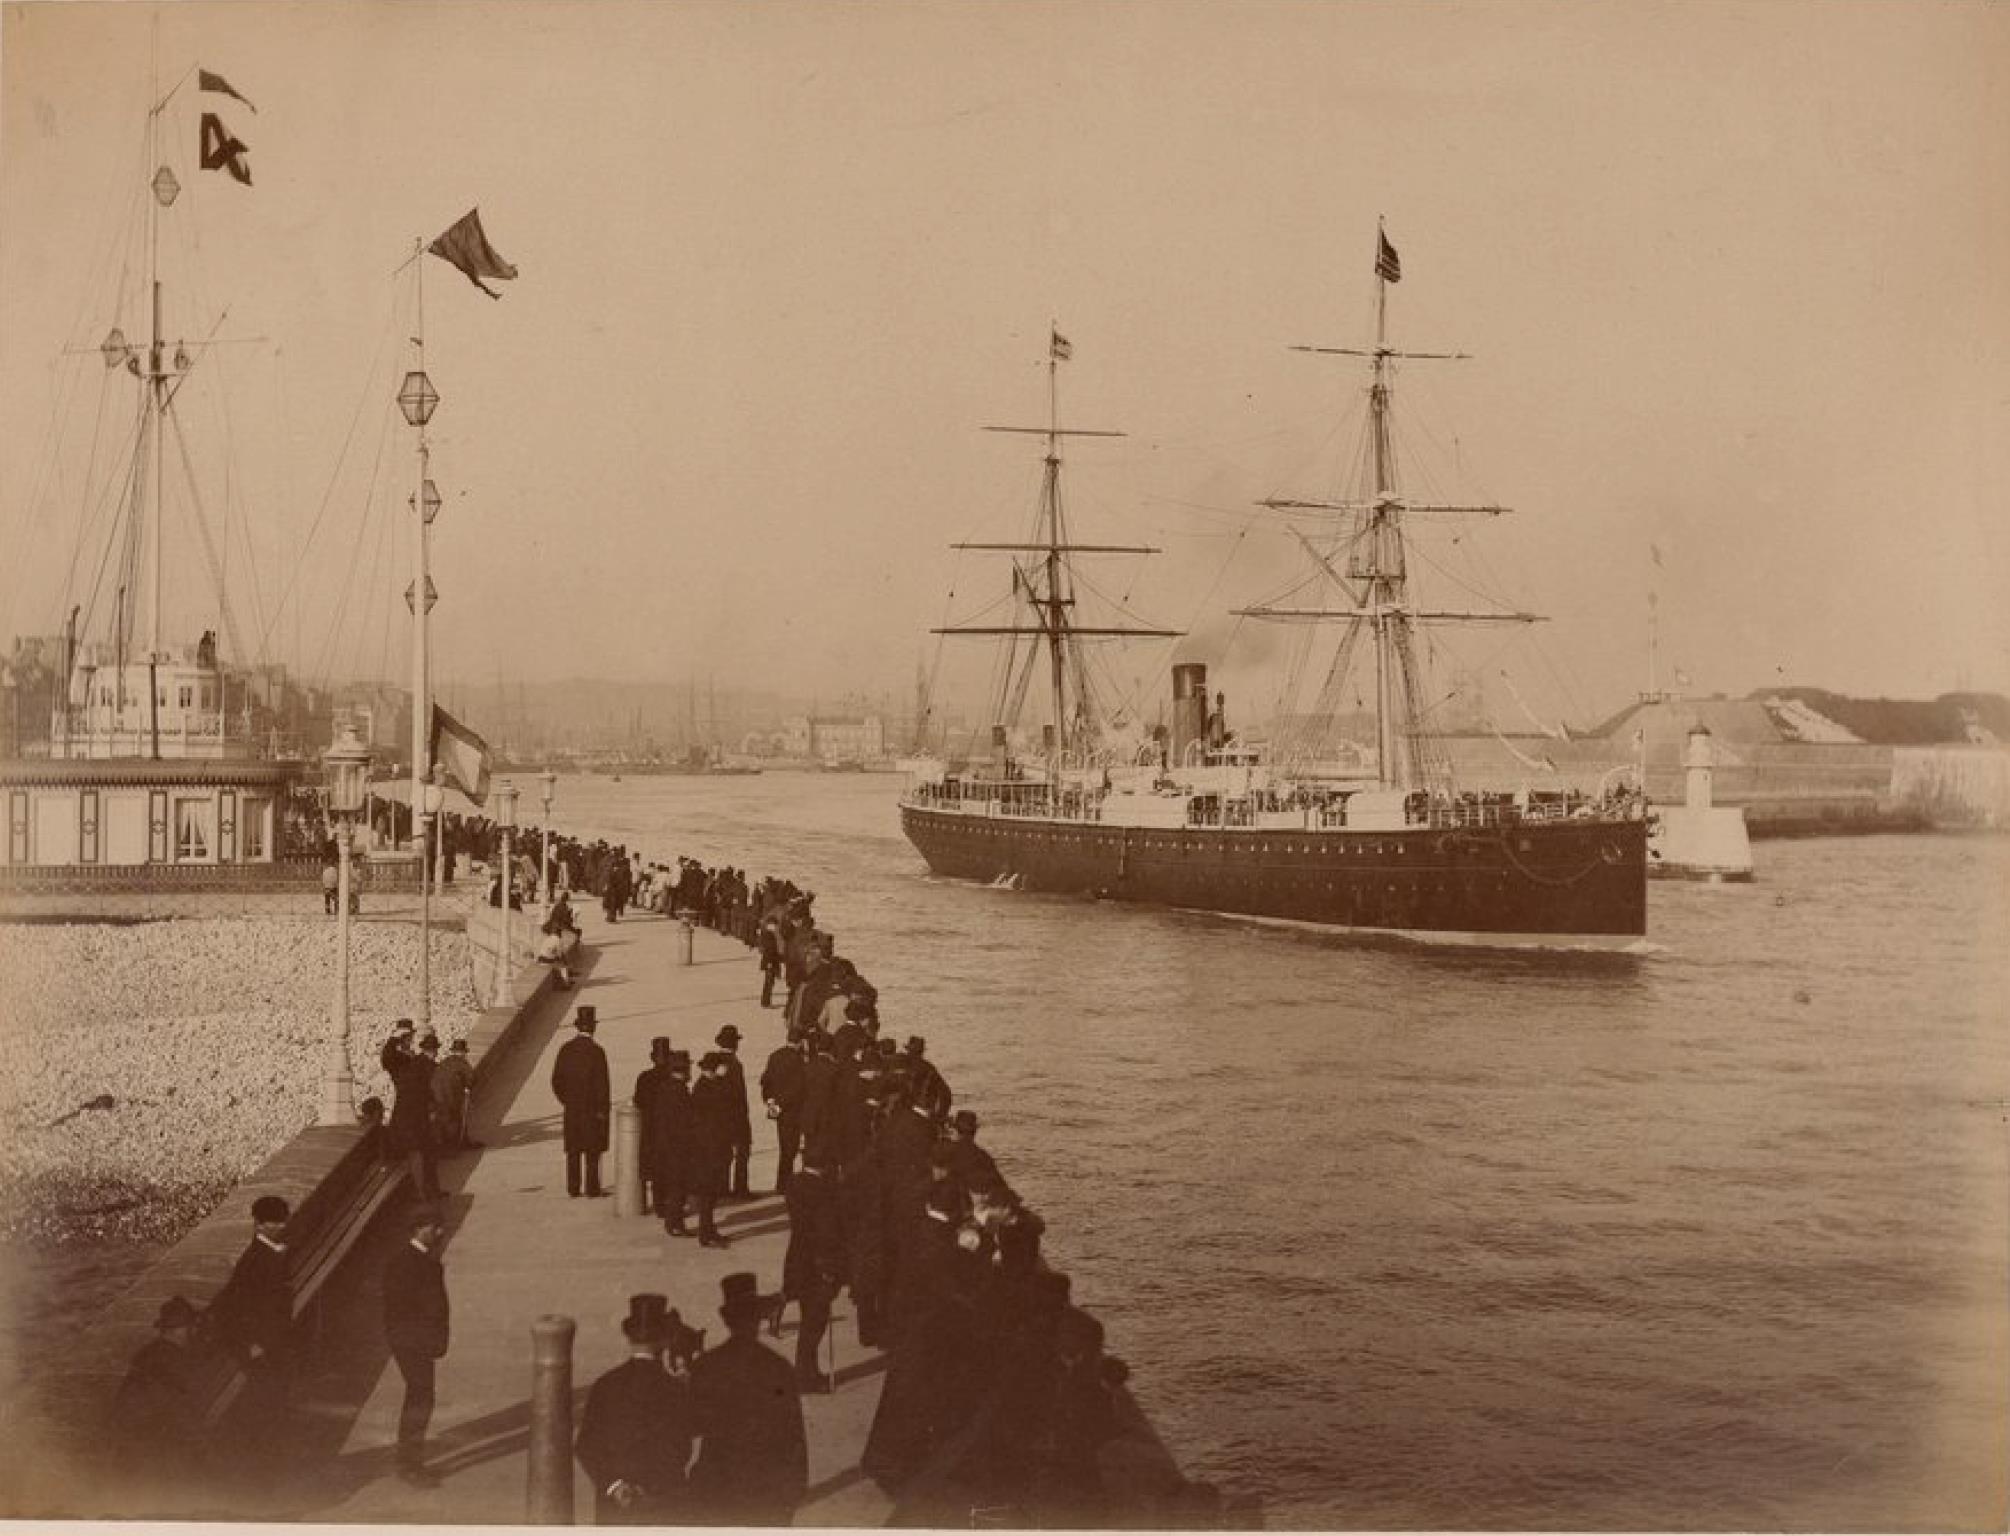 Трансатлантическая компания. Гавр. Почтовое судно «Олинде Родригес». Линия Гавр - Нью-Йорк